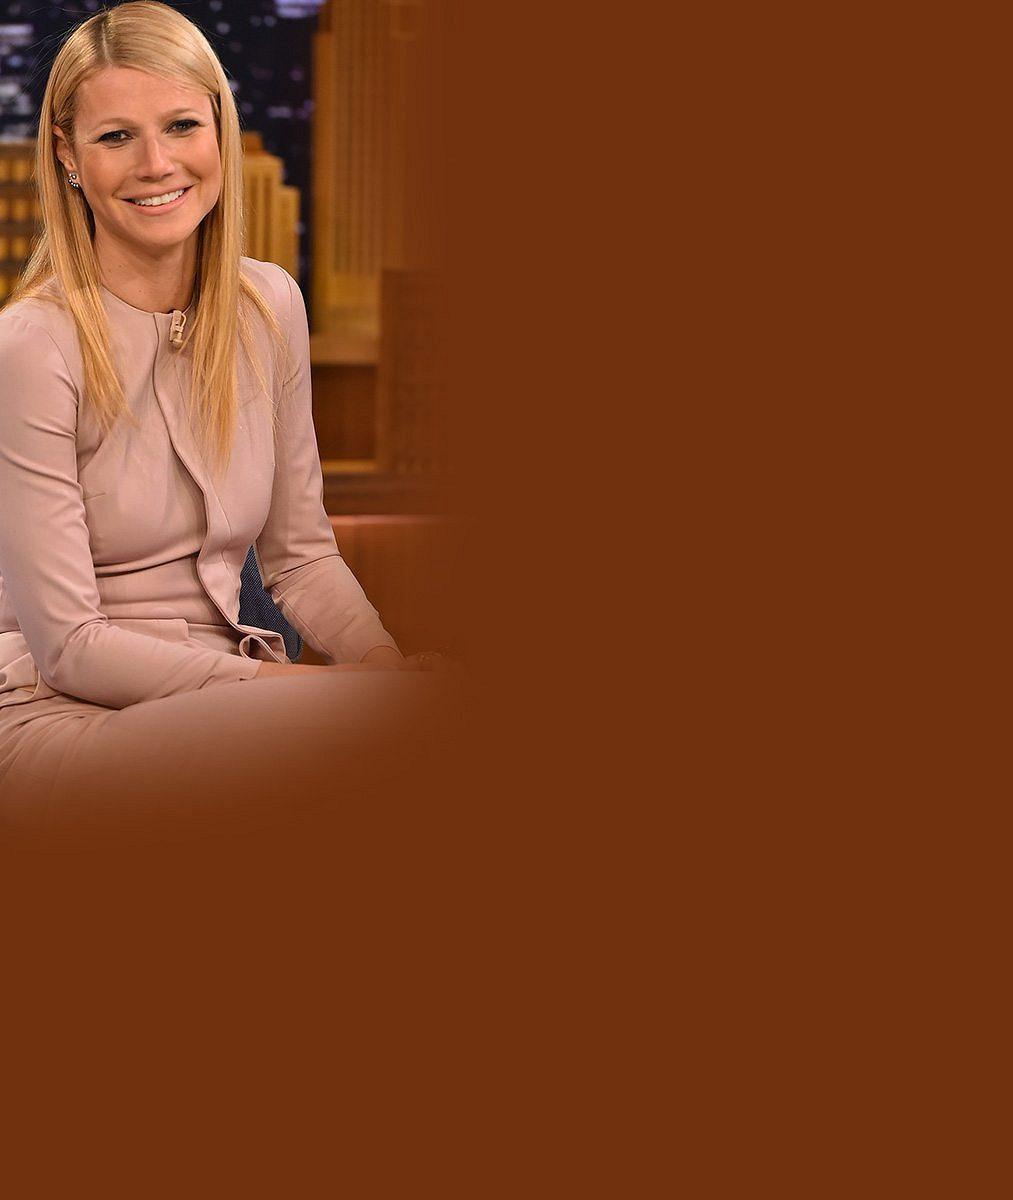 Gwyneth Paltrow si vtěsném overalu uřízla ostudu. Přijde vám to také tak děsné?